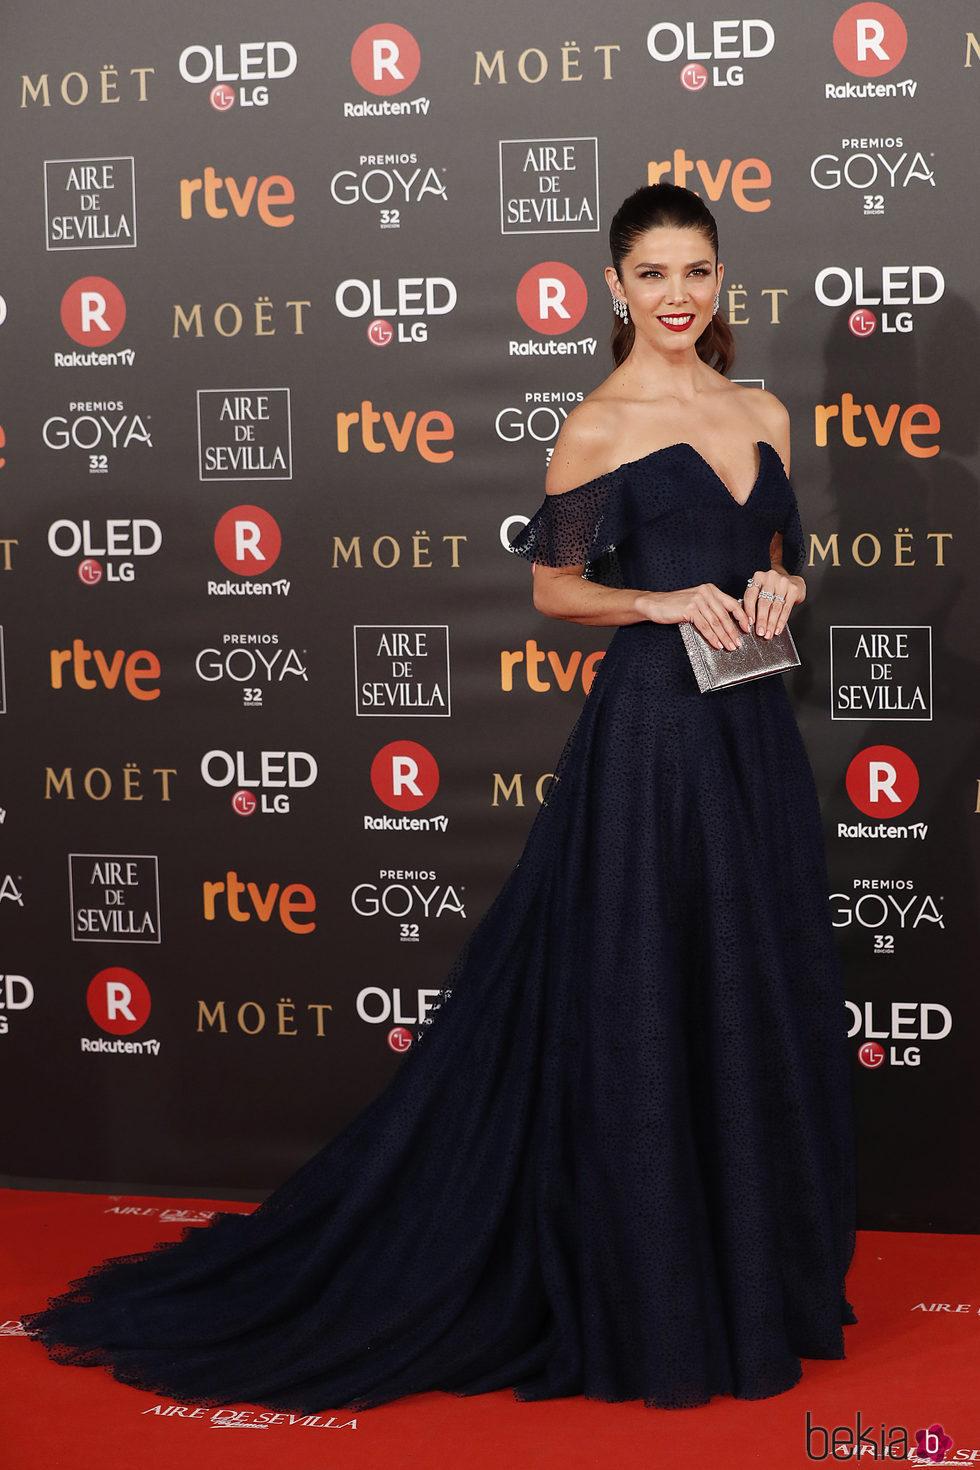 Juana Acosta con un look azul noche en la alfombra roja de los Premios Goya 2018